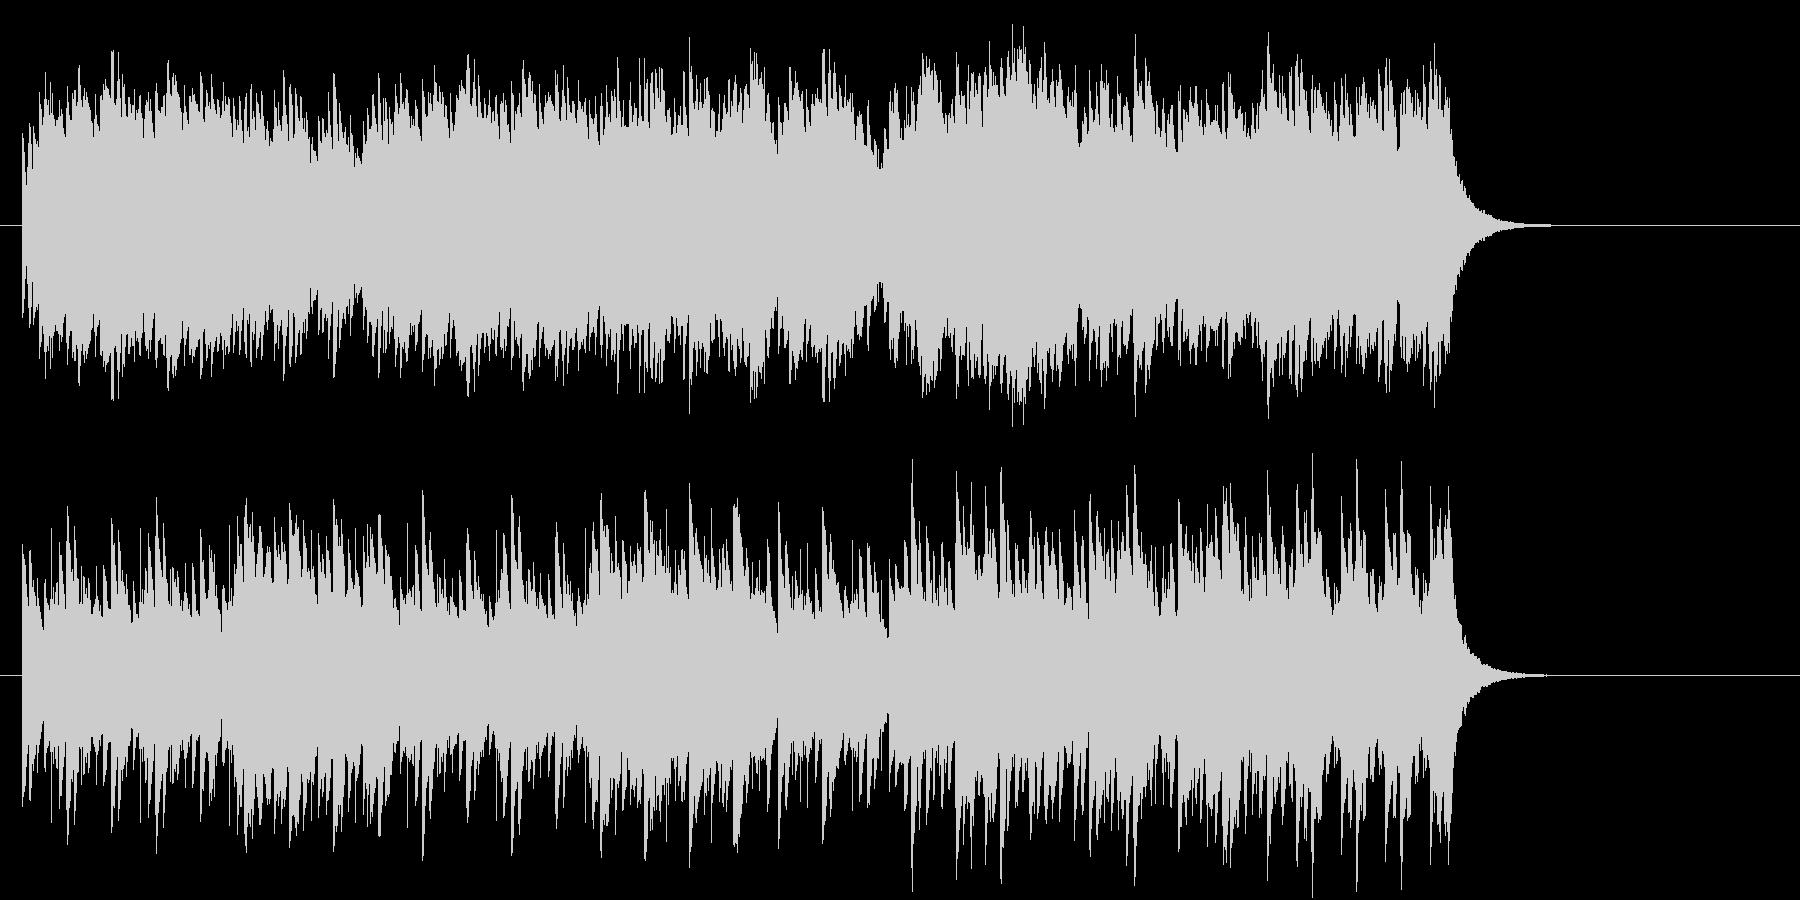 キラキラしたBGMの未再生の波形